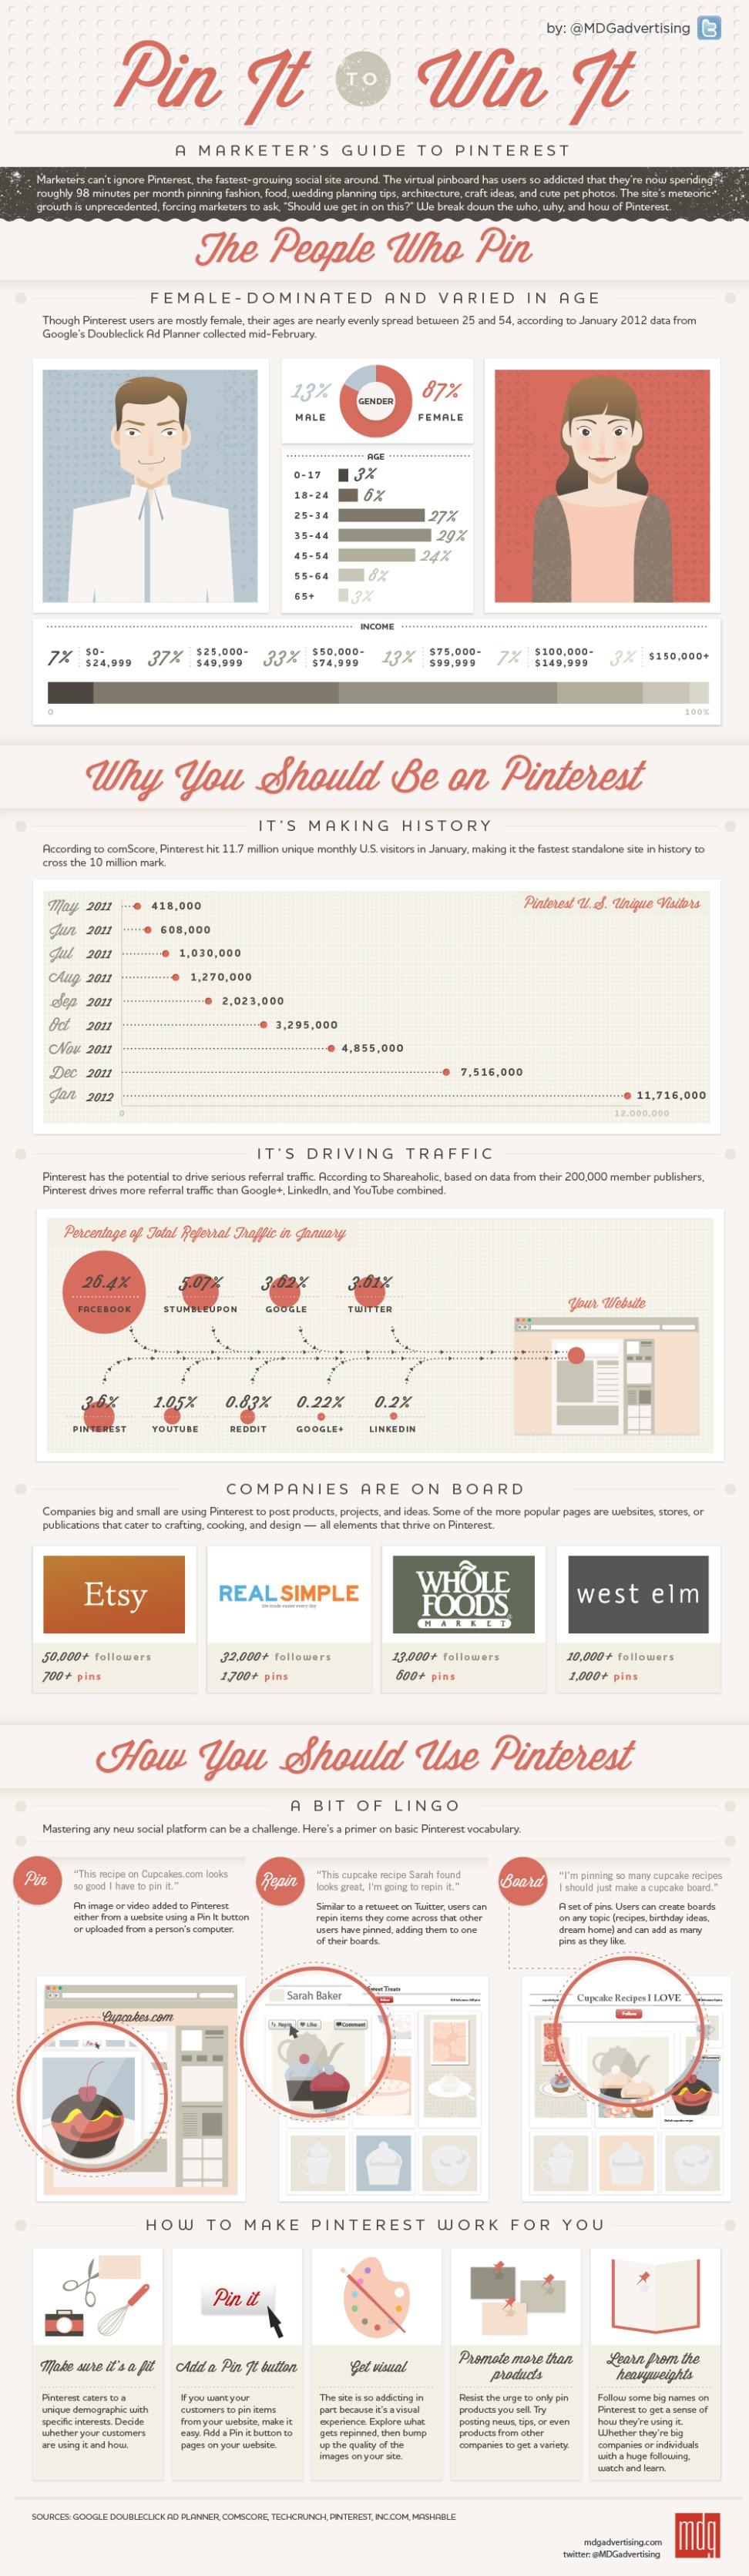 Dati e Statistiche su Pinterest - infographic